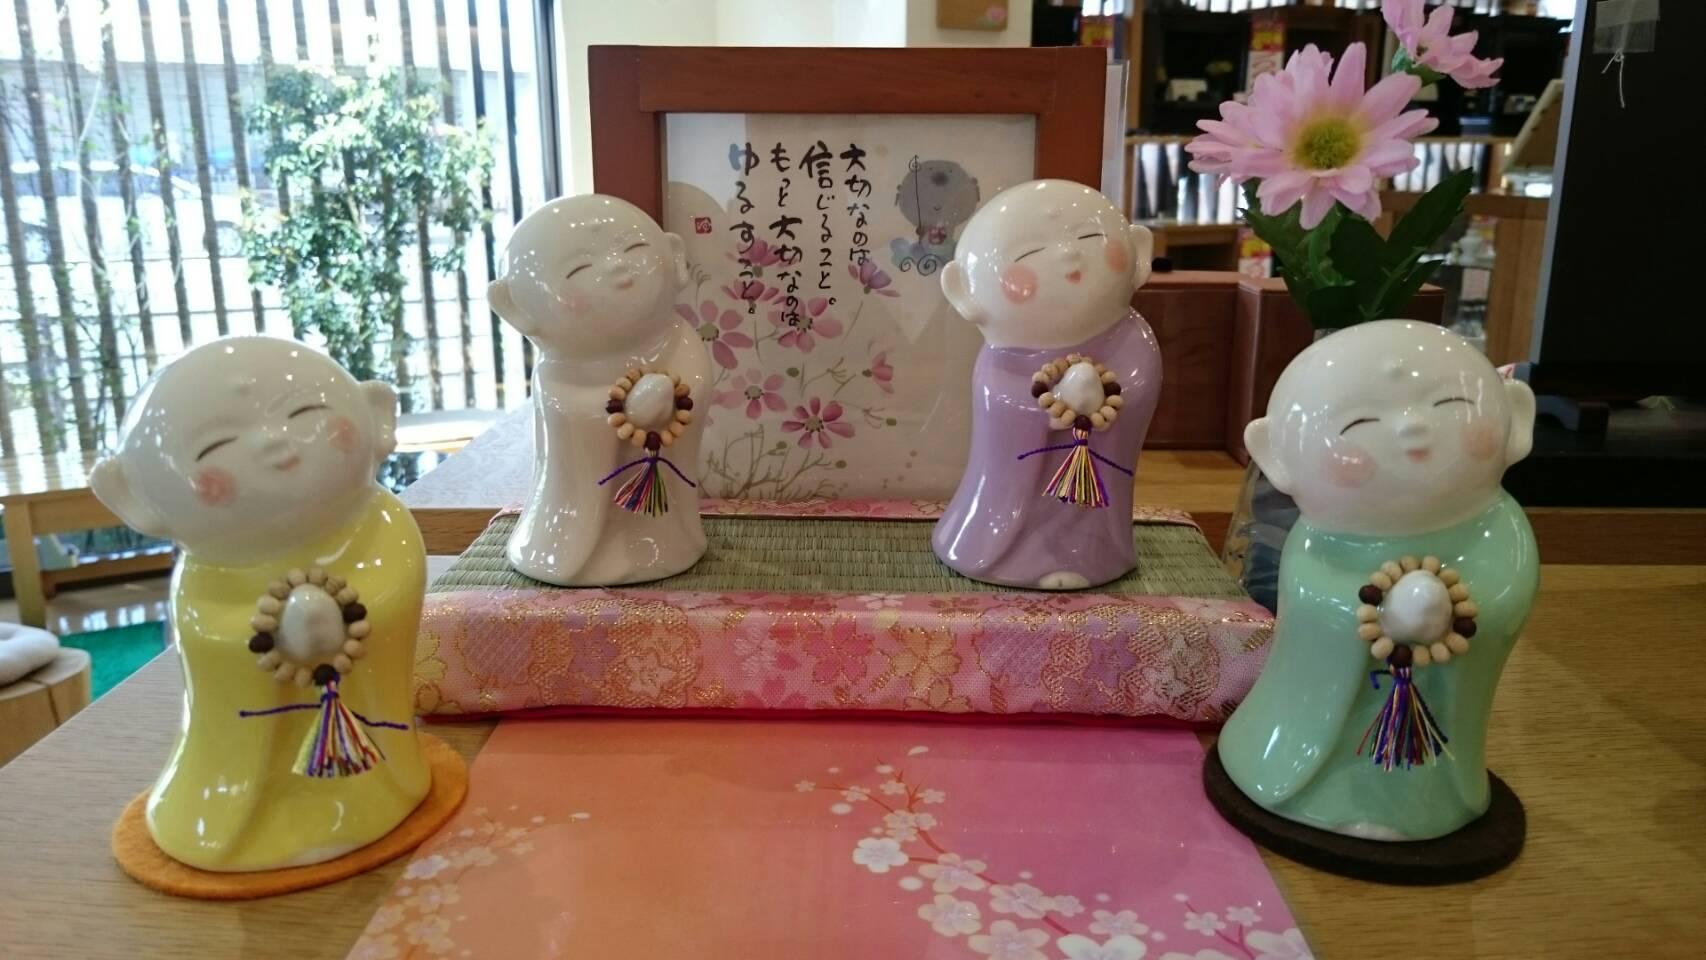 ふくば 福島 仏壇 写真ギャラリー画像21